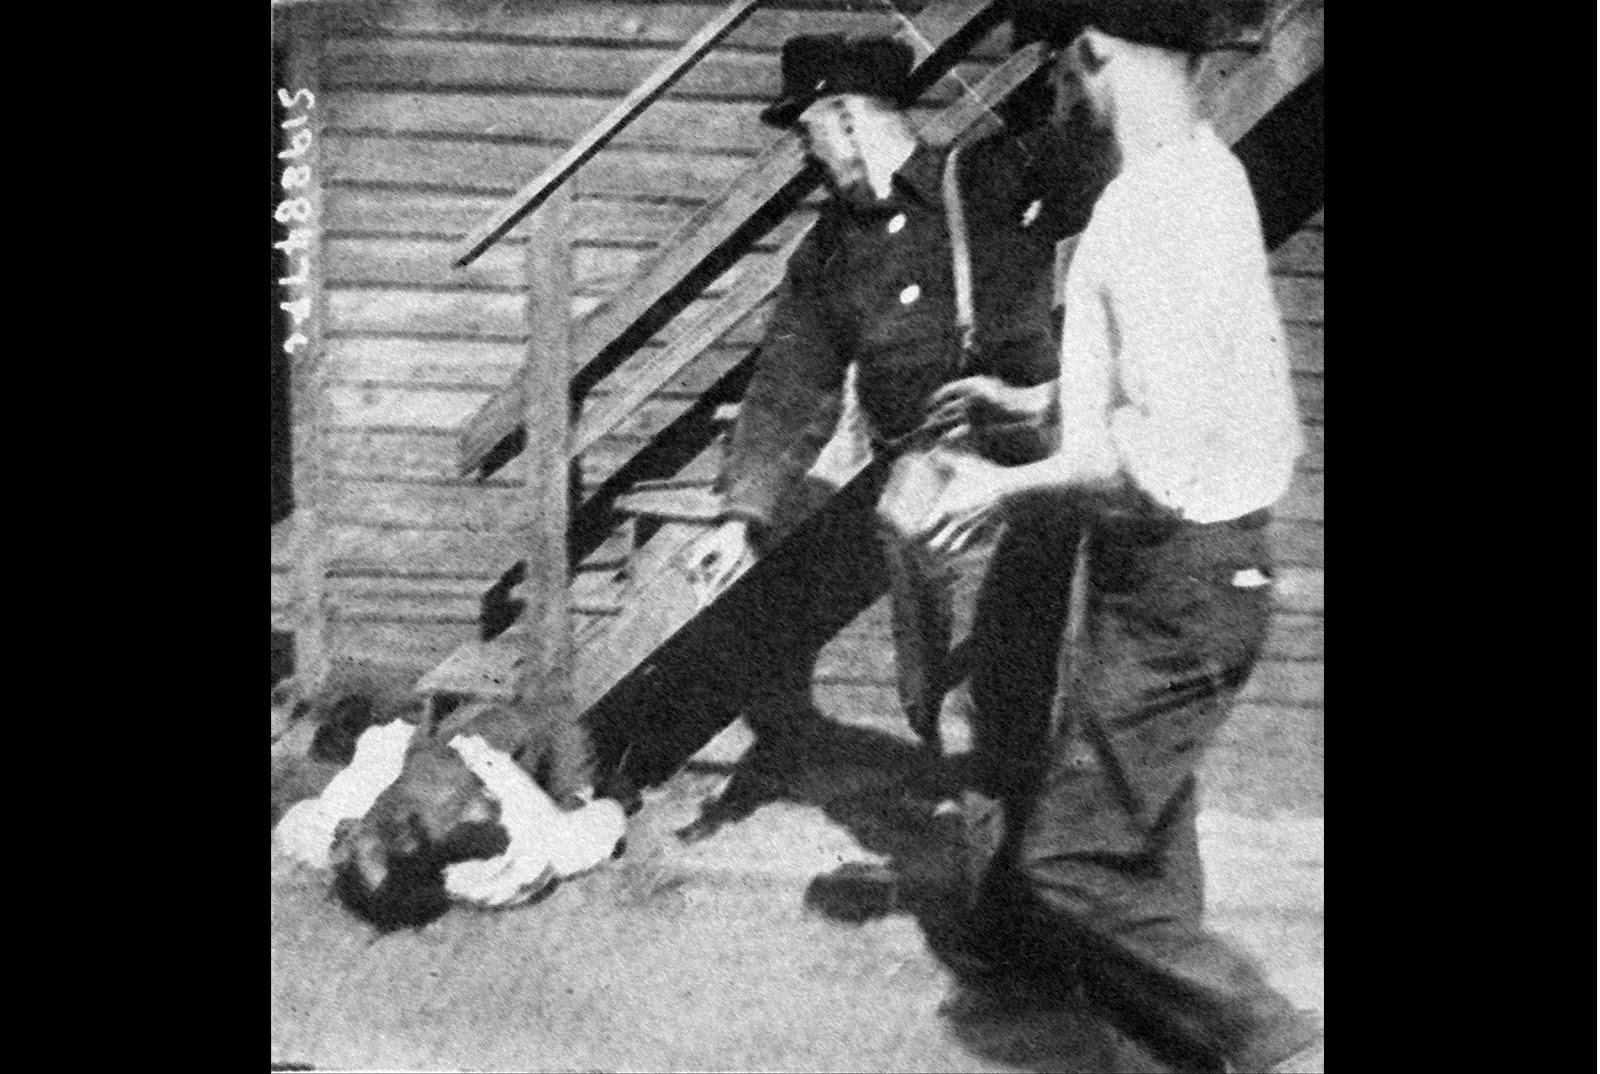 Фото как издеваются над девушками, Секс издевательства над пленными голыми девушками 3 фотография